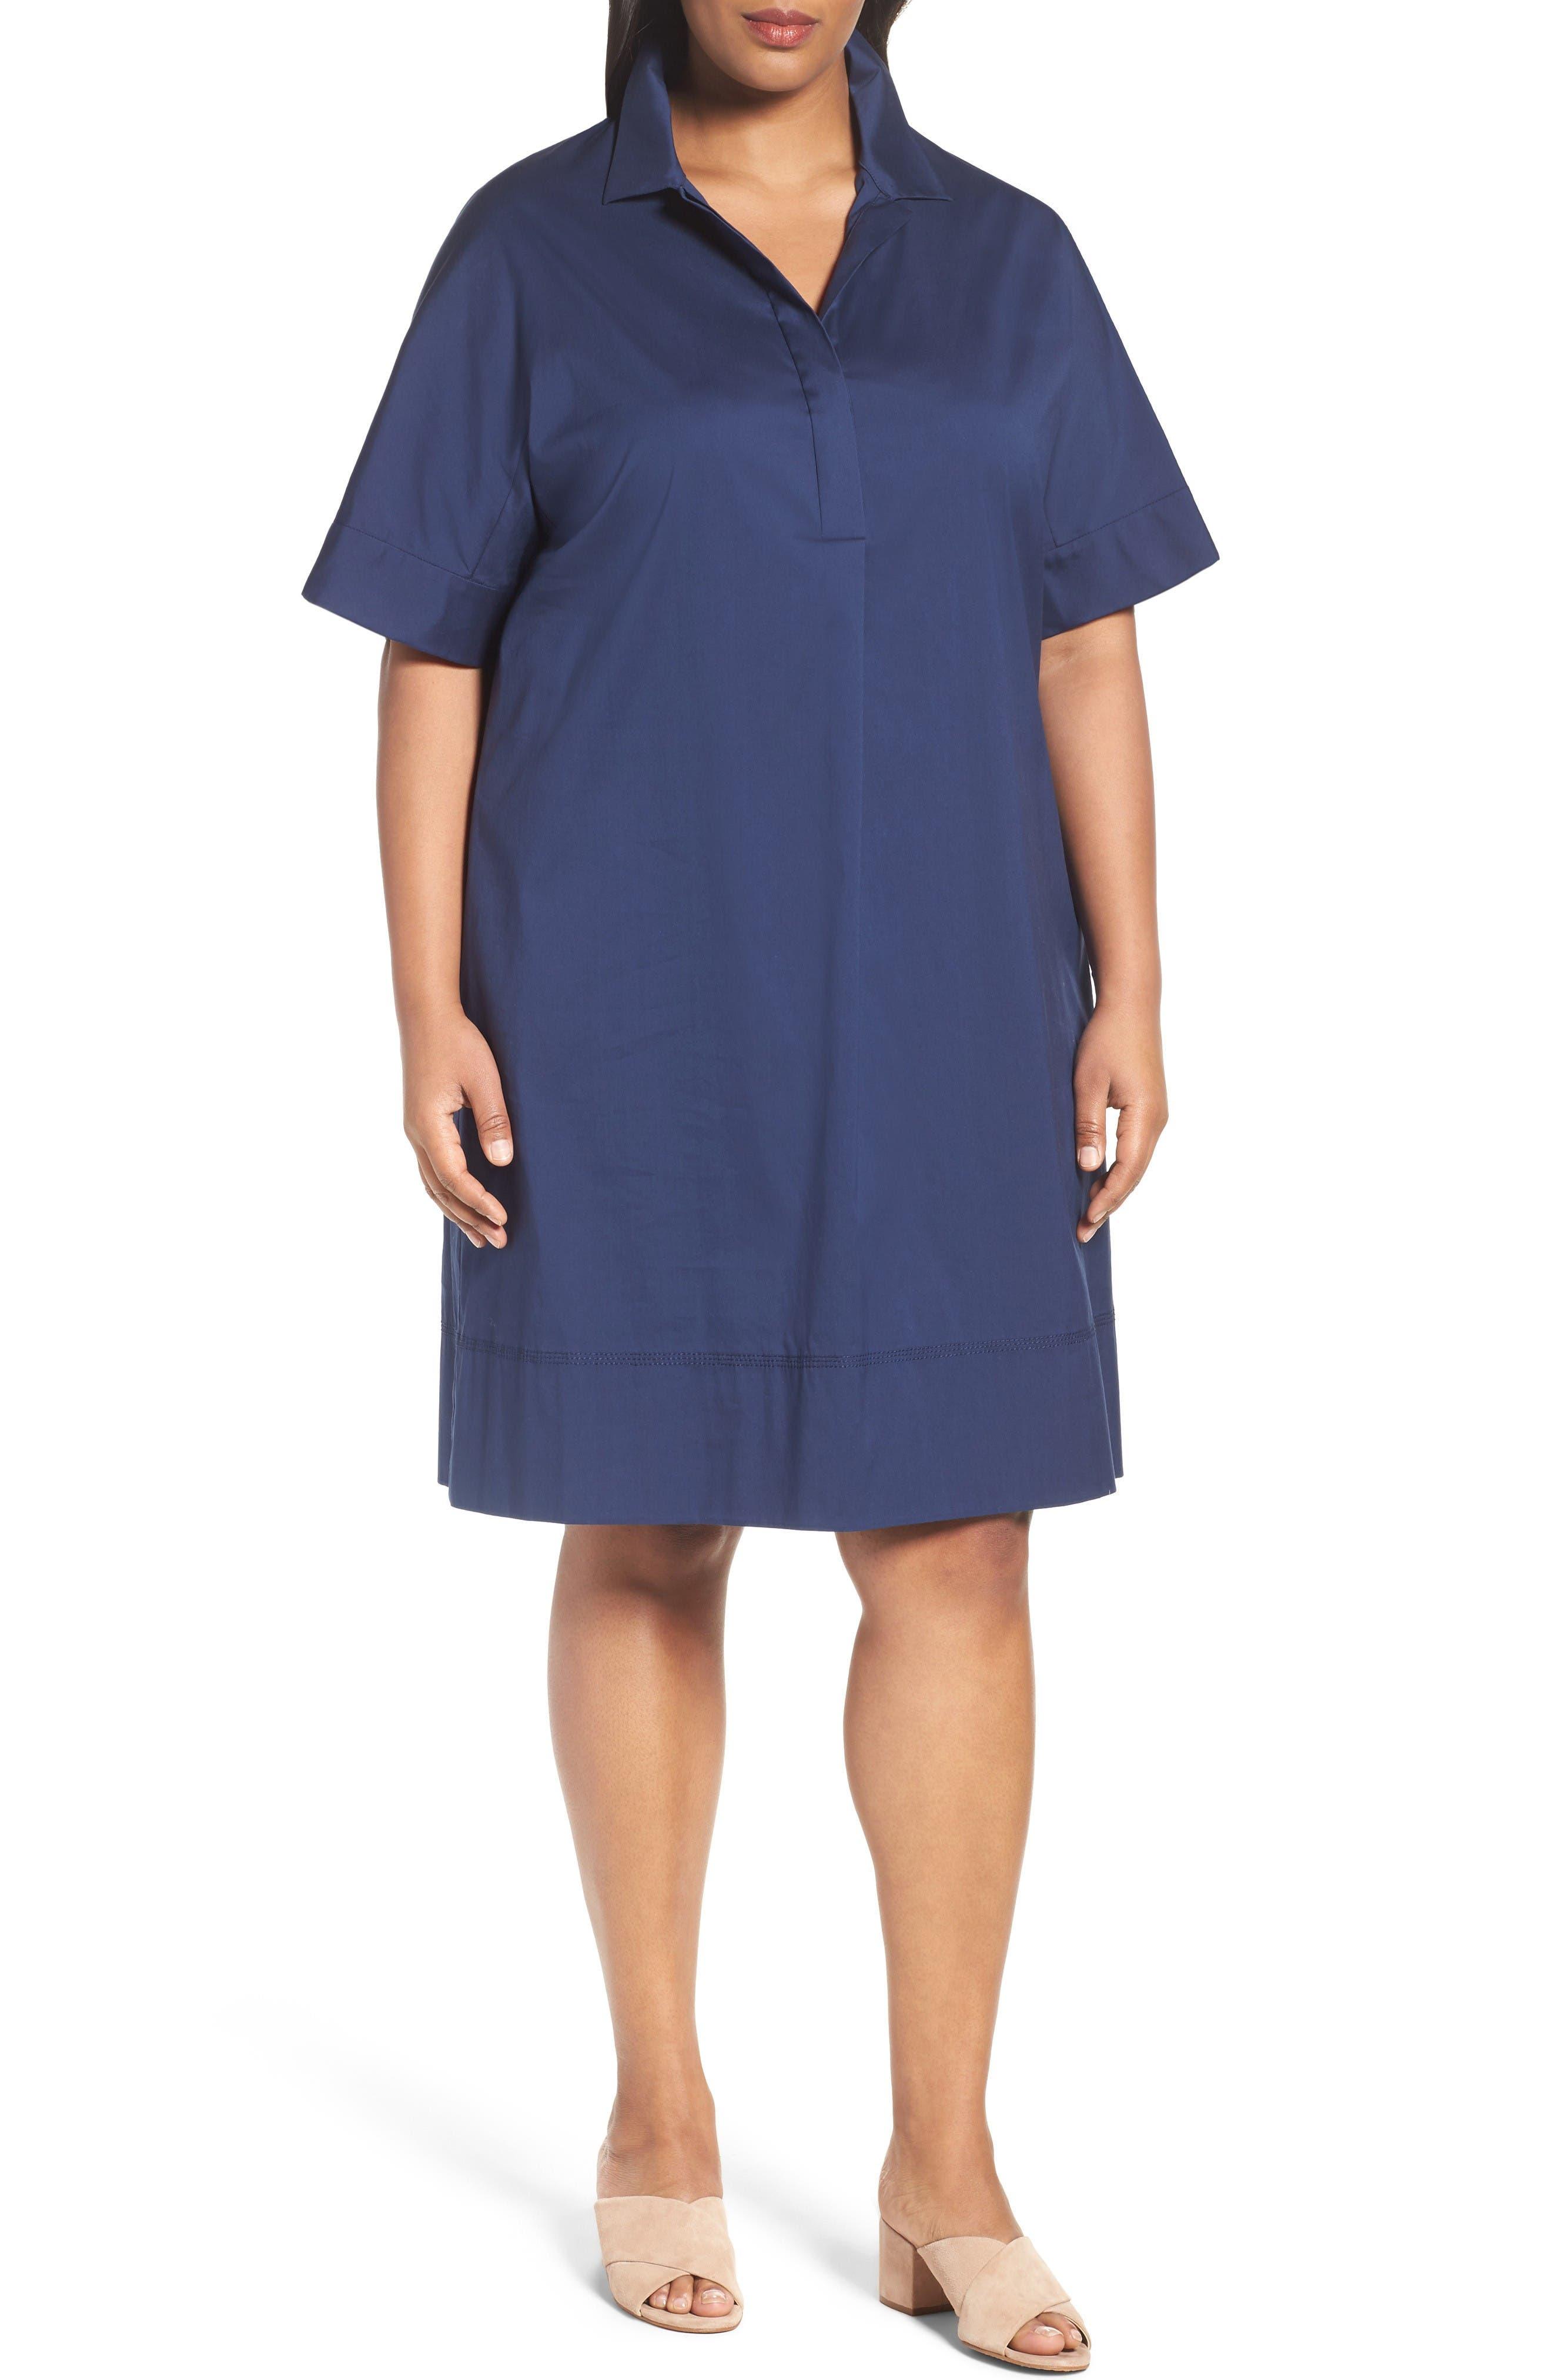 Lafayette 148 New York Zamira Cotton Blend Shirtdress (Plus Size)